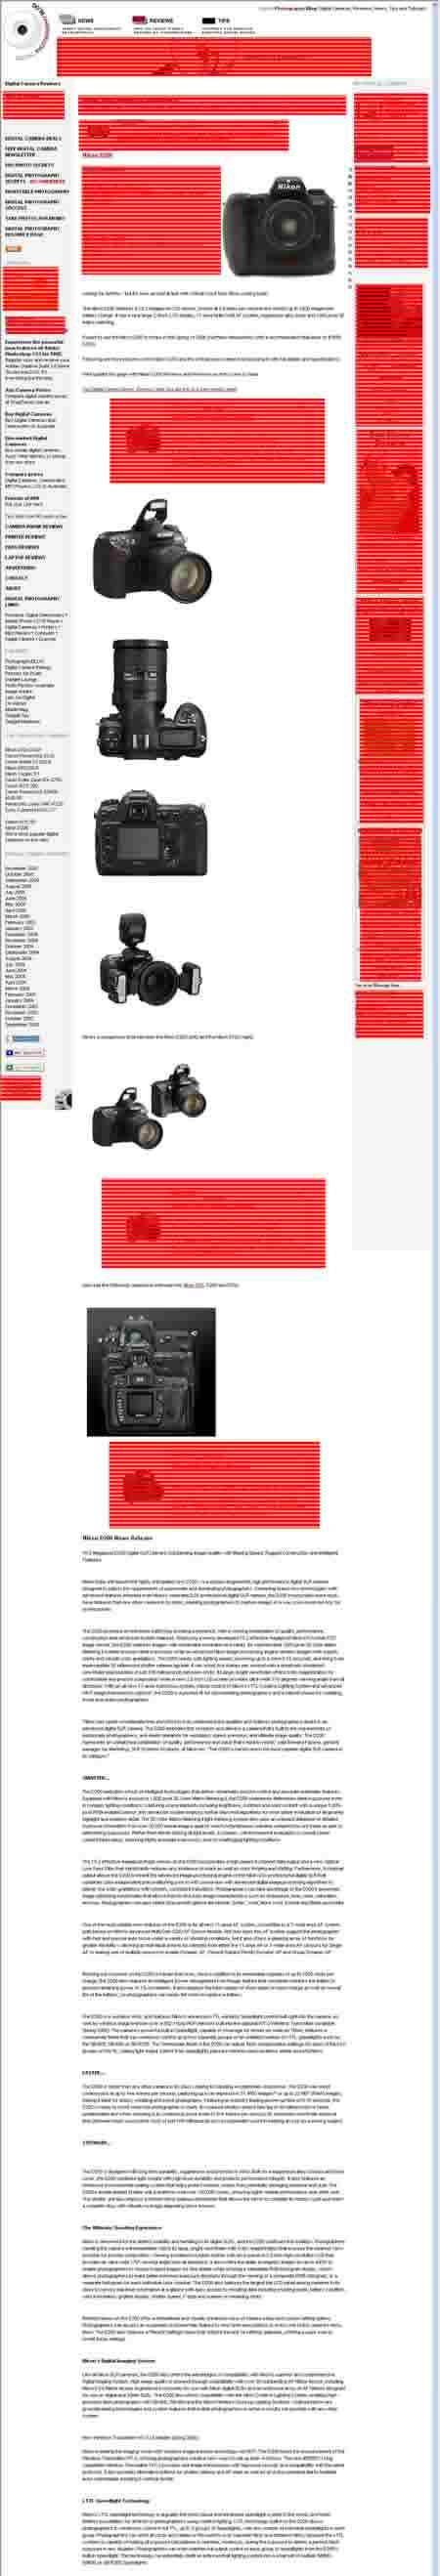 Blogvertising 2